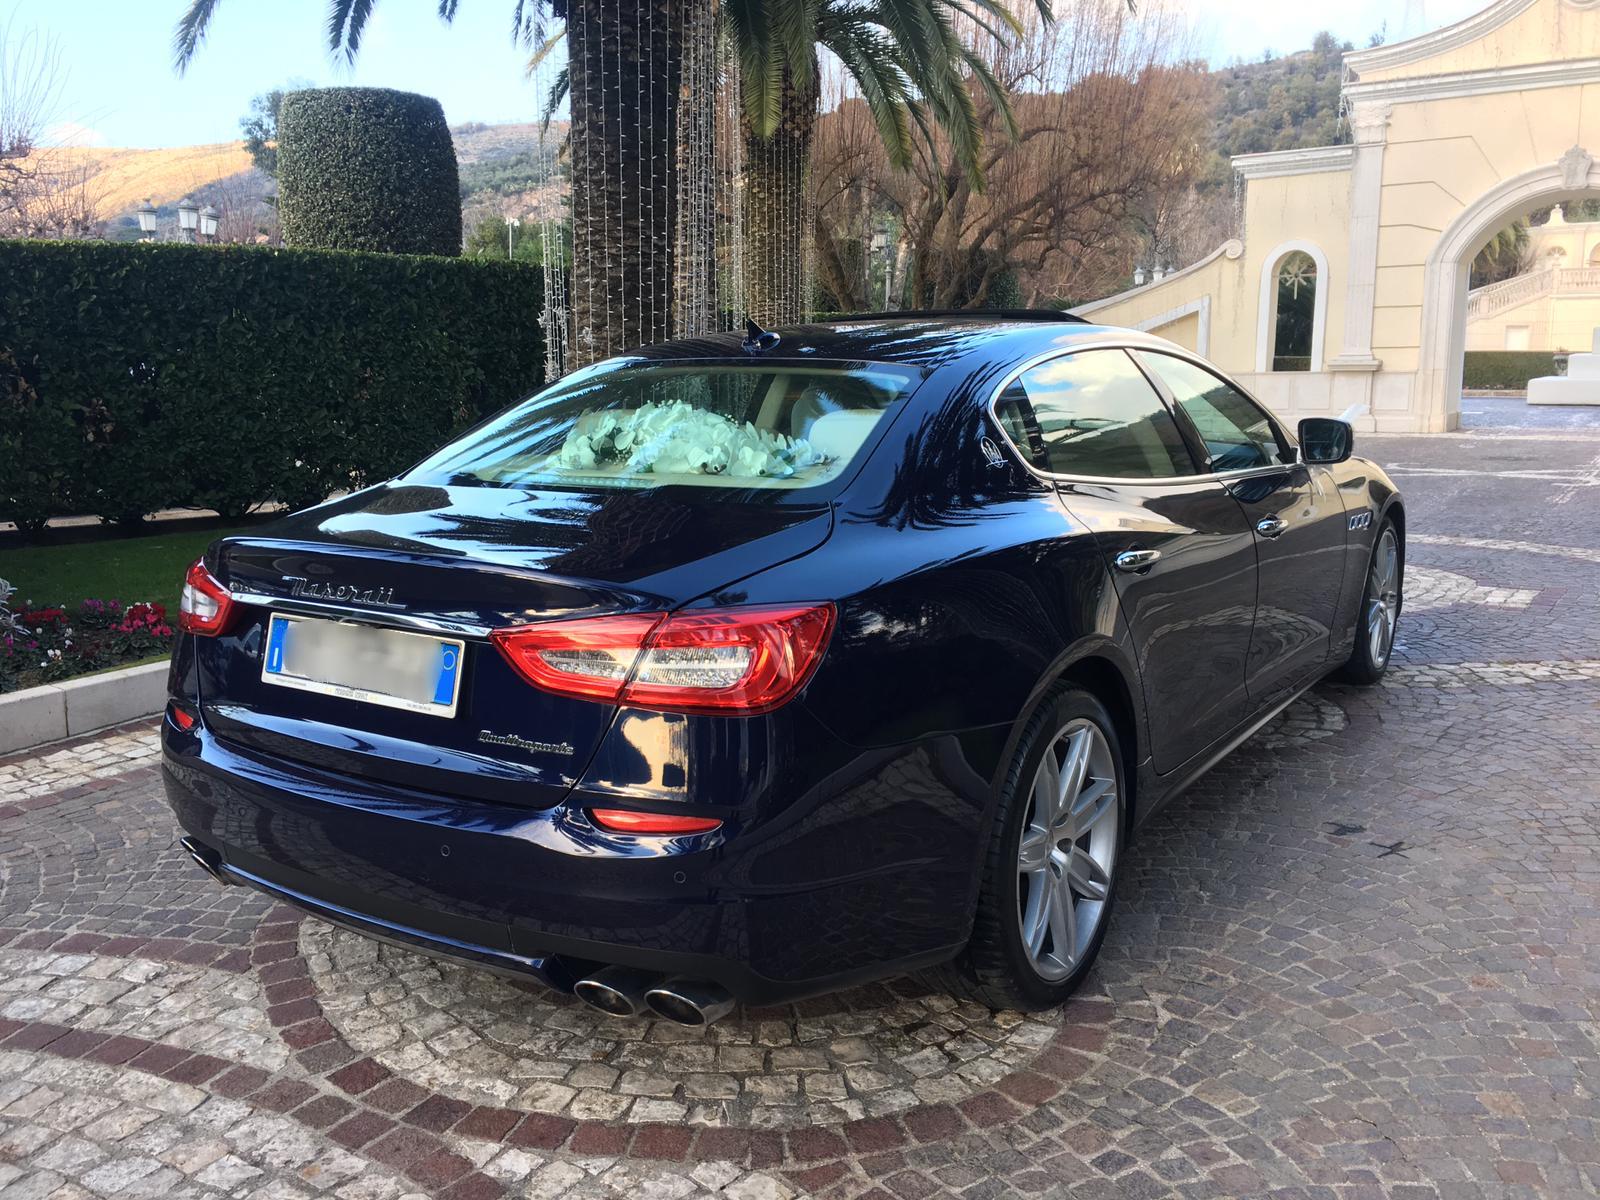 Una Maserati che non passerà mai di moda grazie ai suoi lineamenti sottili ed eleganti